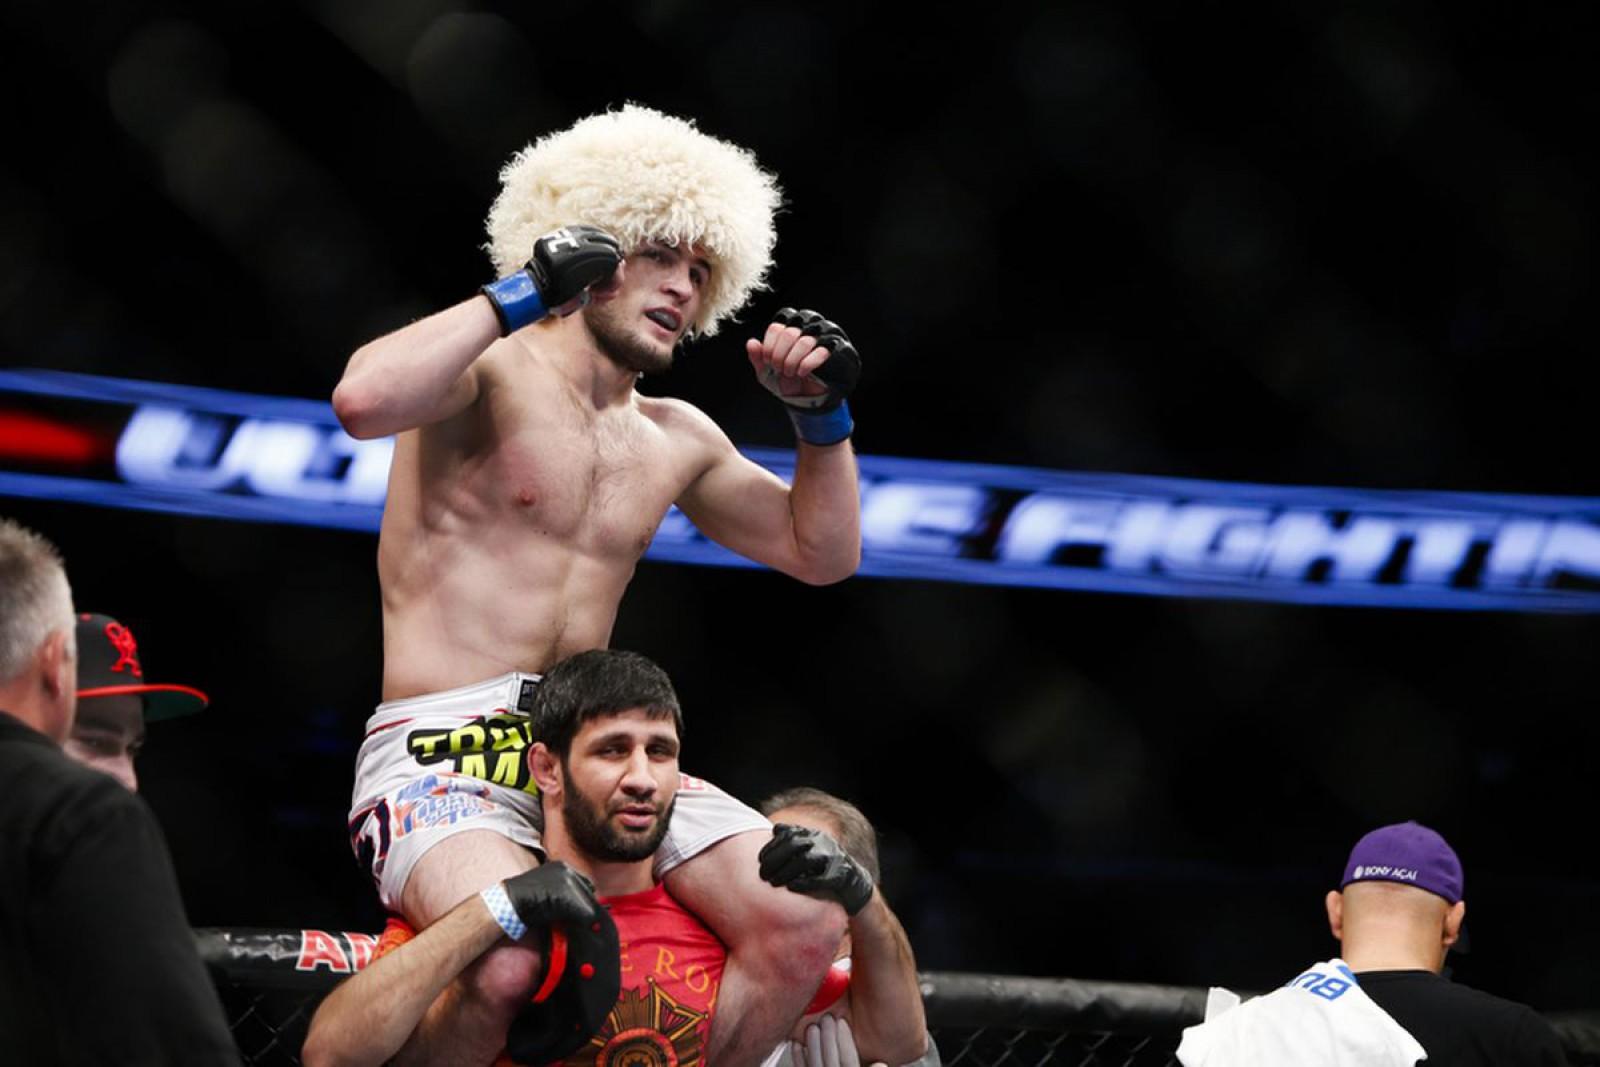 Khabib Nurmagomedov este de neoprit! Sportivul rus a devenit campion UFC la categoria ușoară